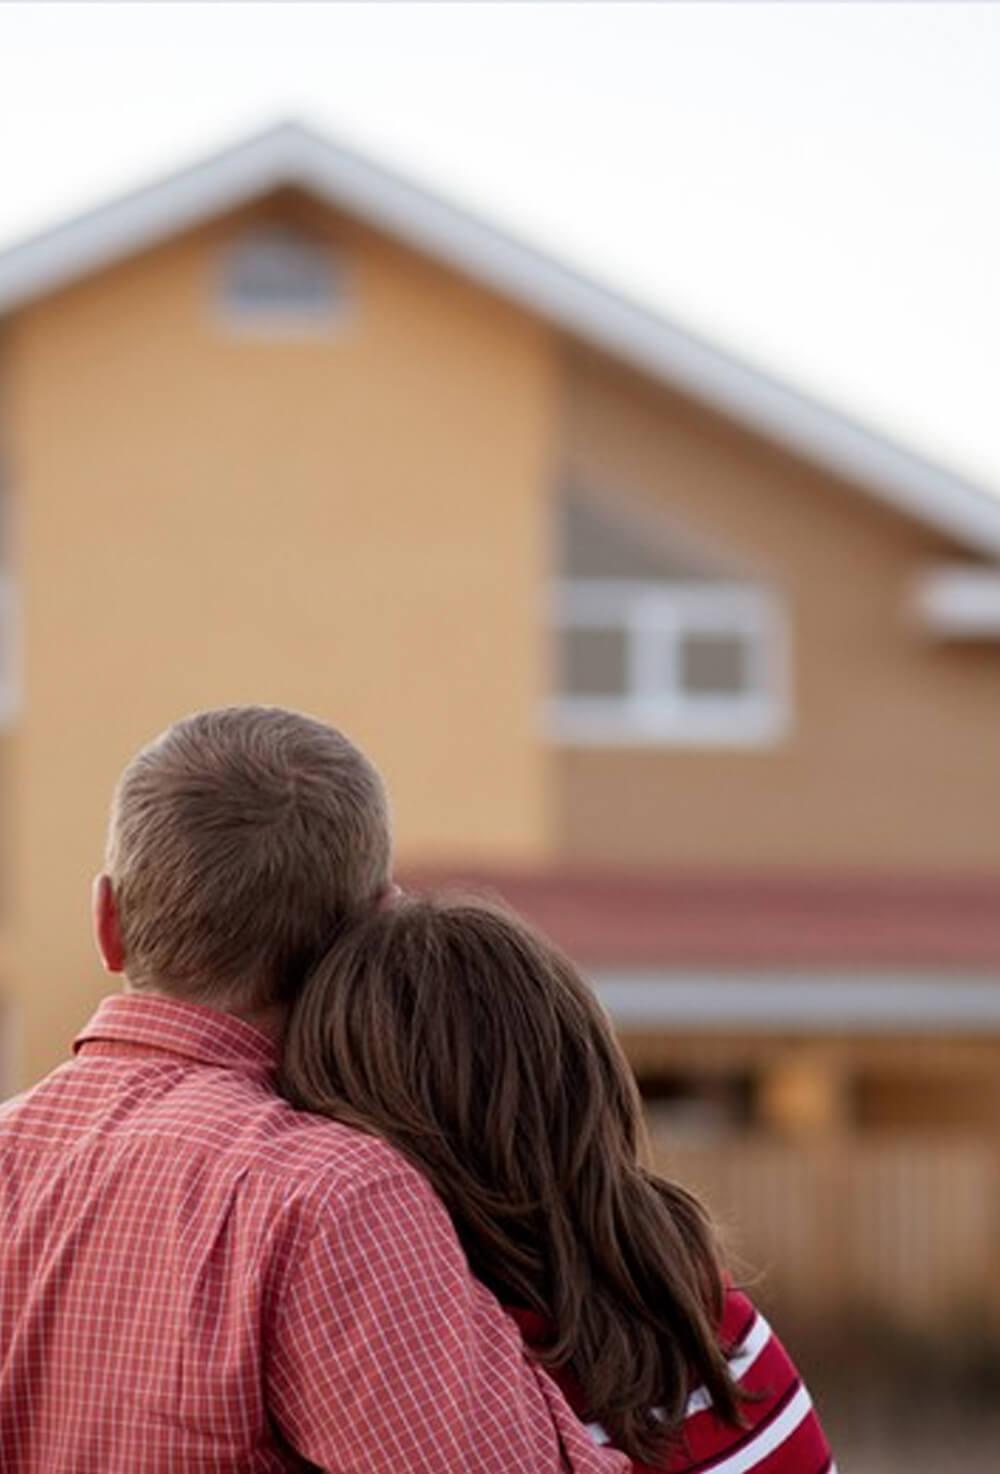 Atmos Architecture Narbonne - Mission complète : photo en couleur d'un couple regardant leur projet de construction de maison.